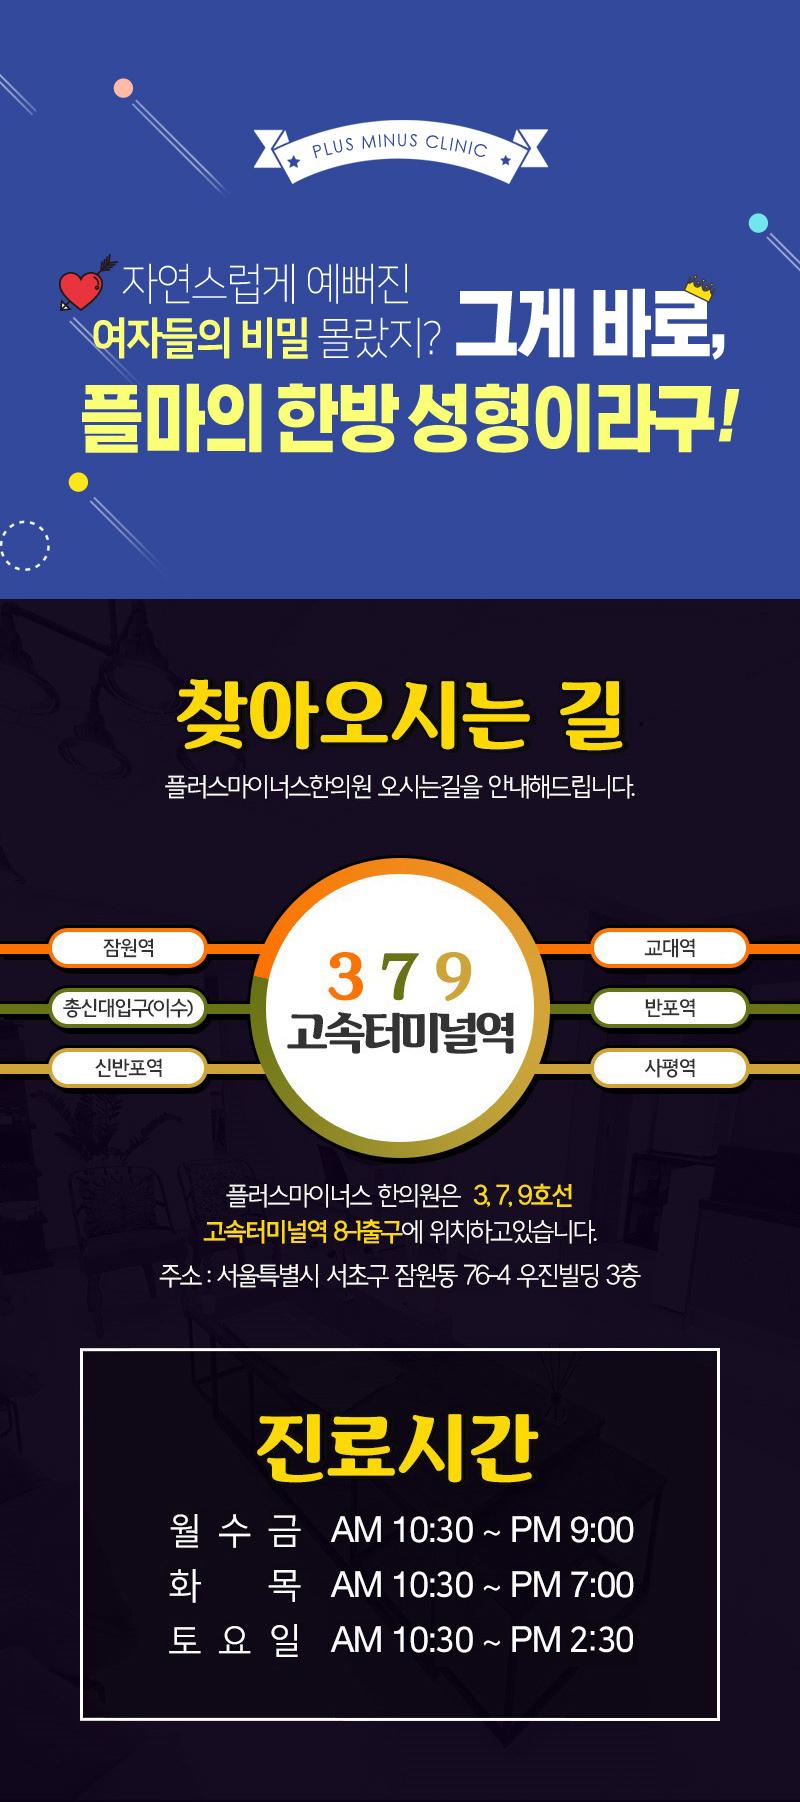 D event info 81b26230c4673b7a3a